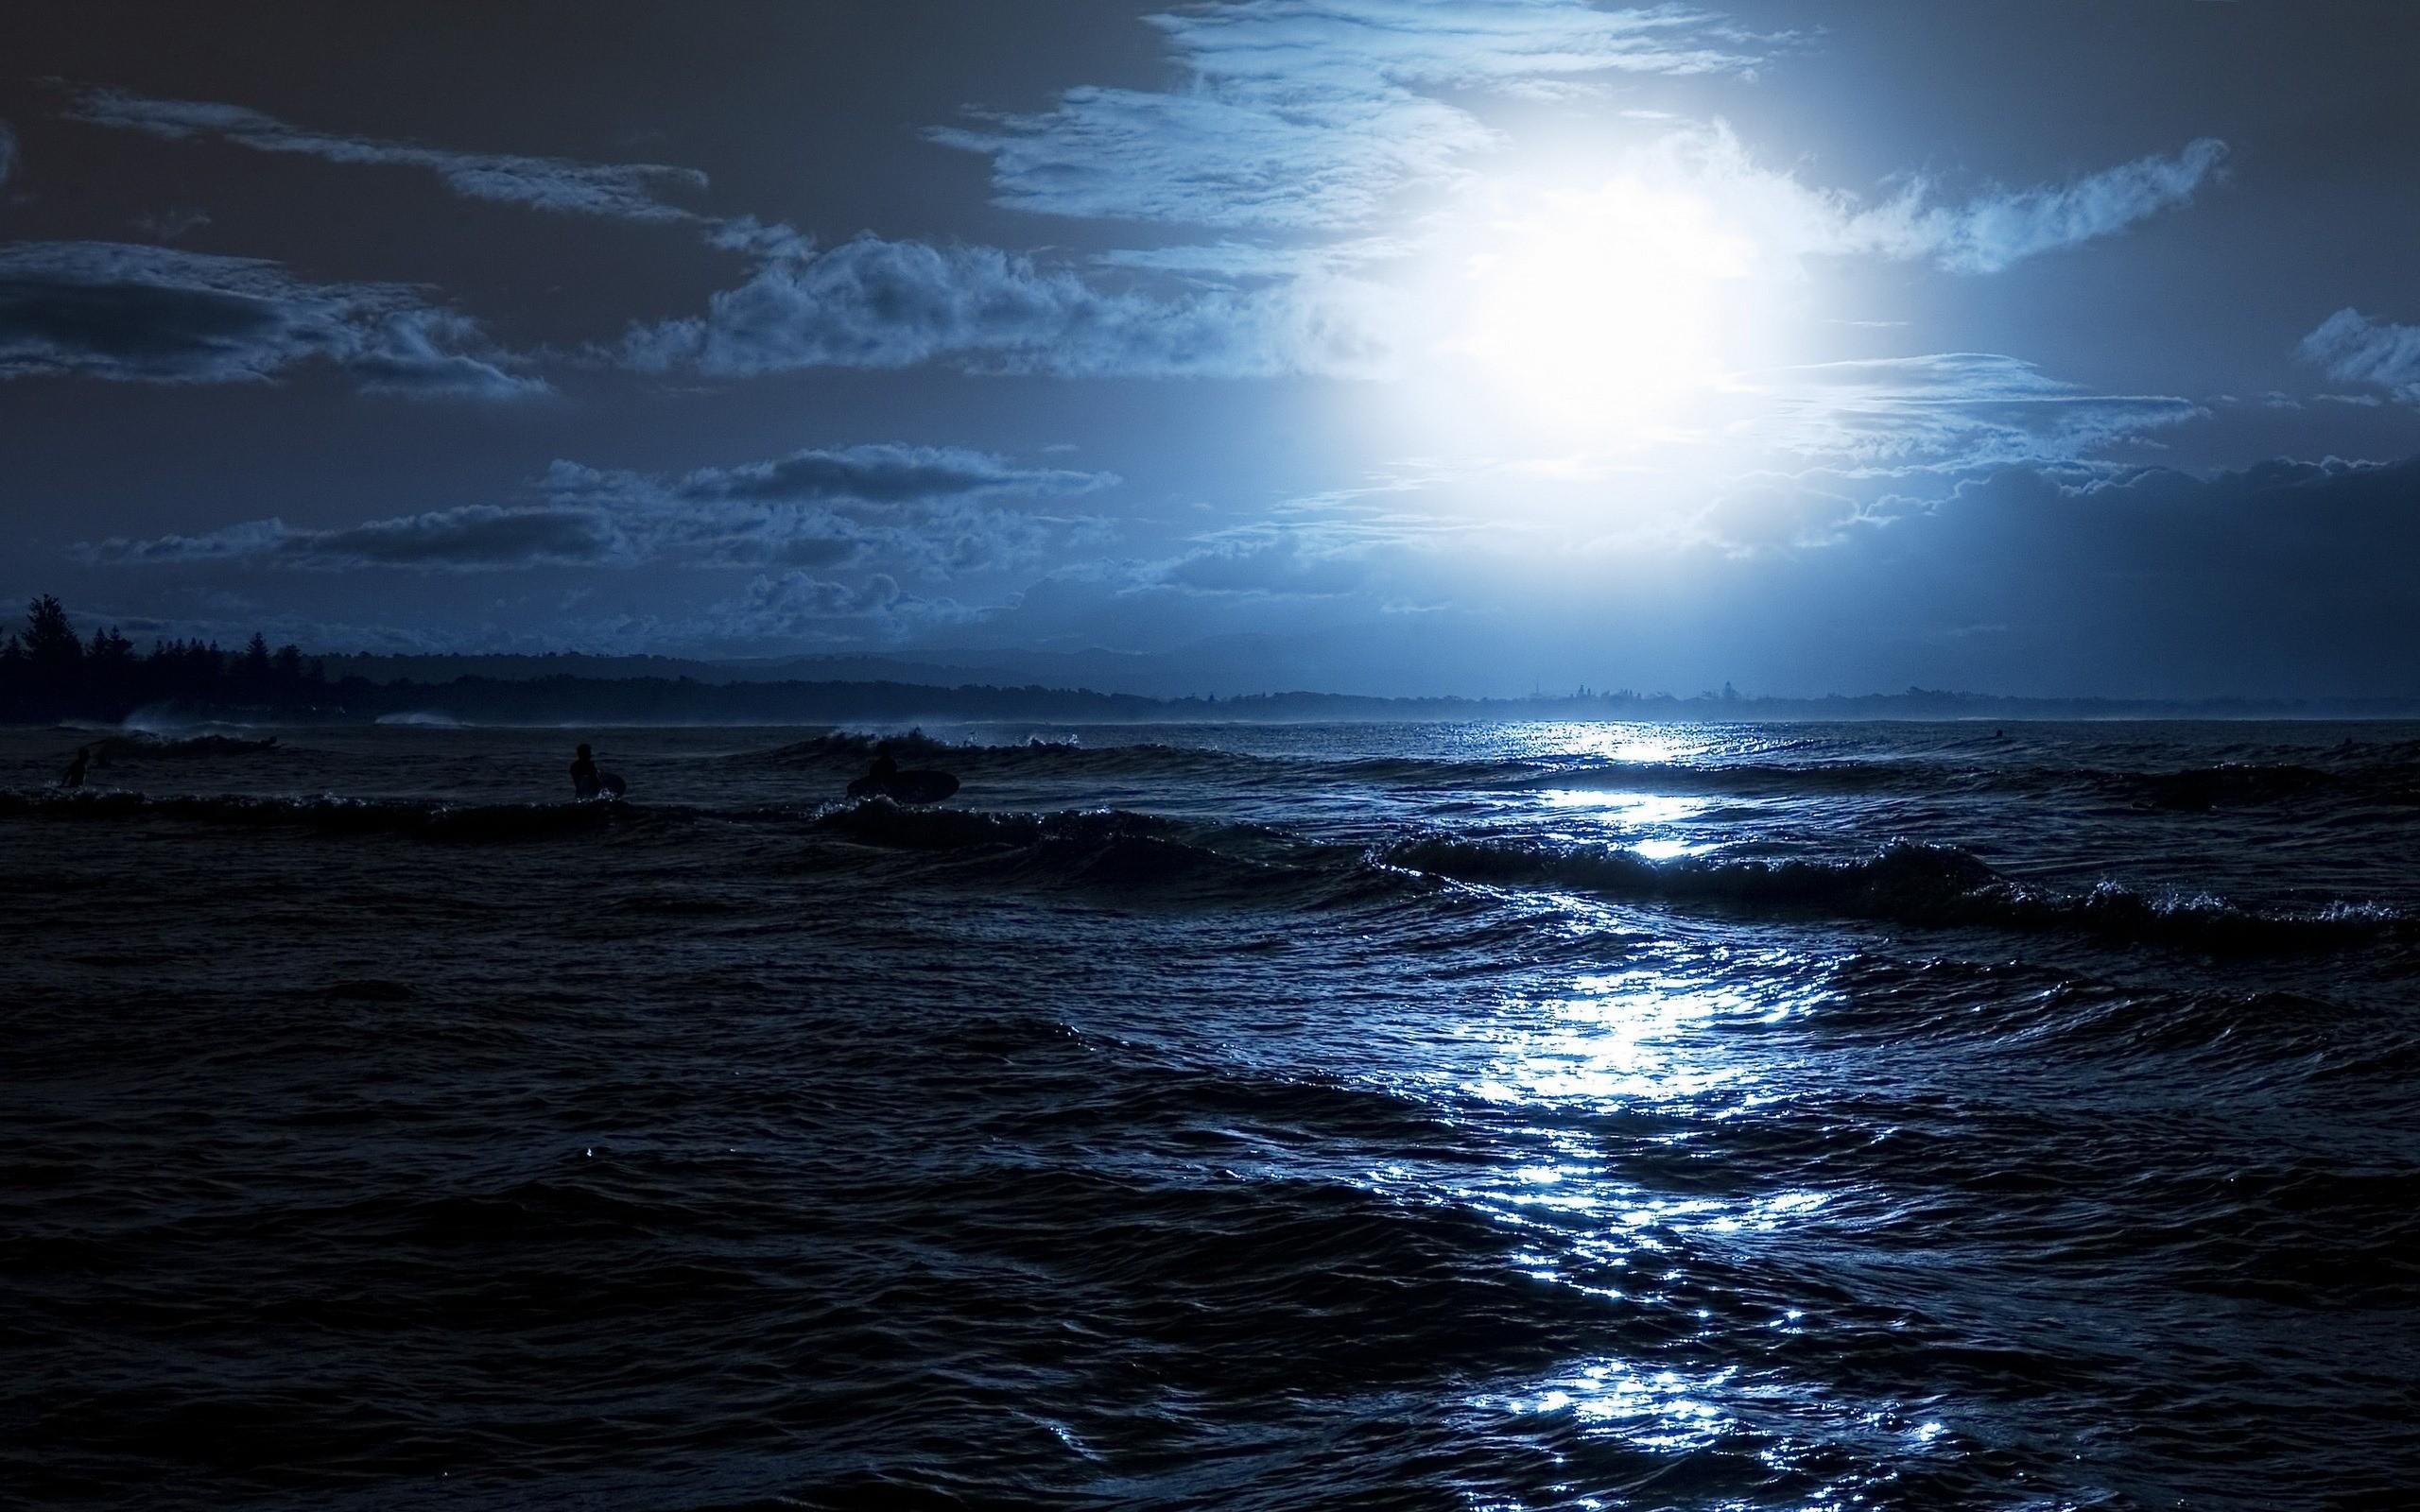 Nature___Sea_The_moon_over_the_sea_037360_